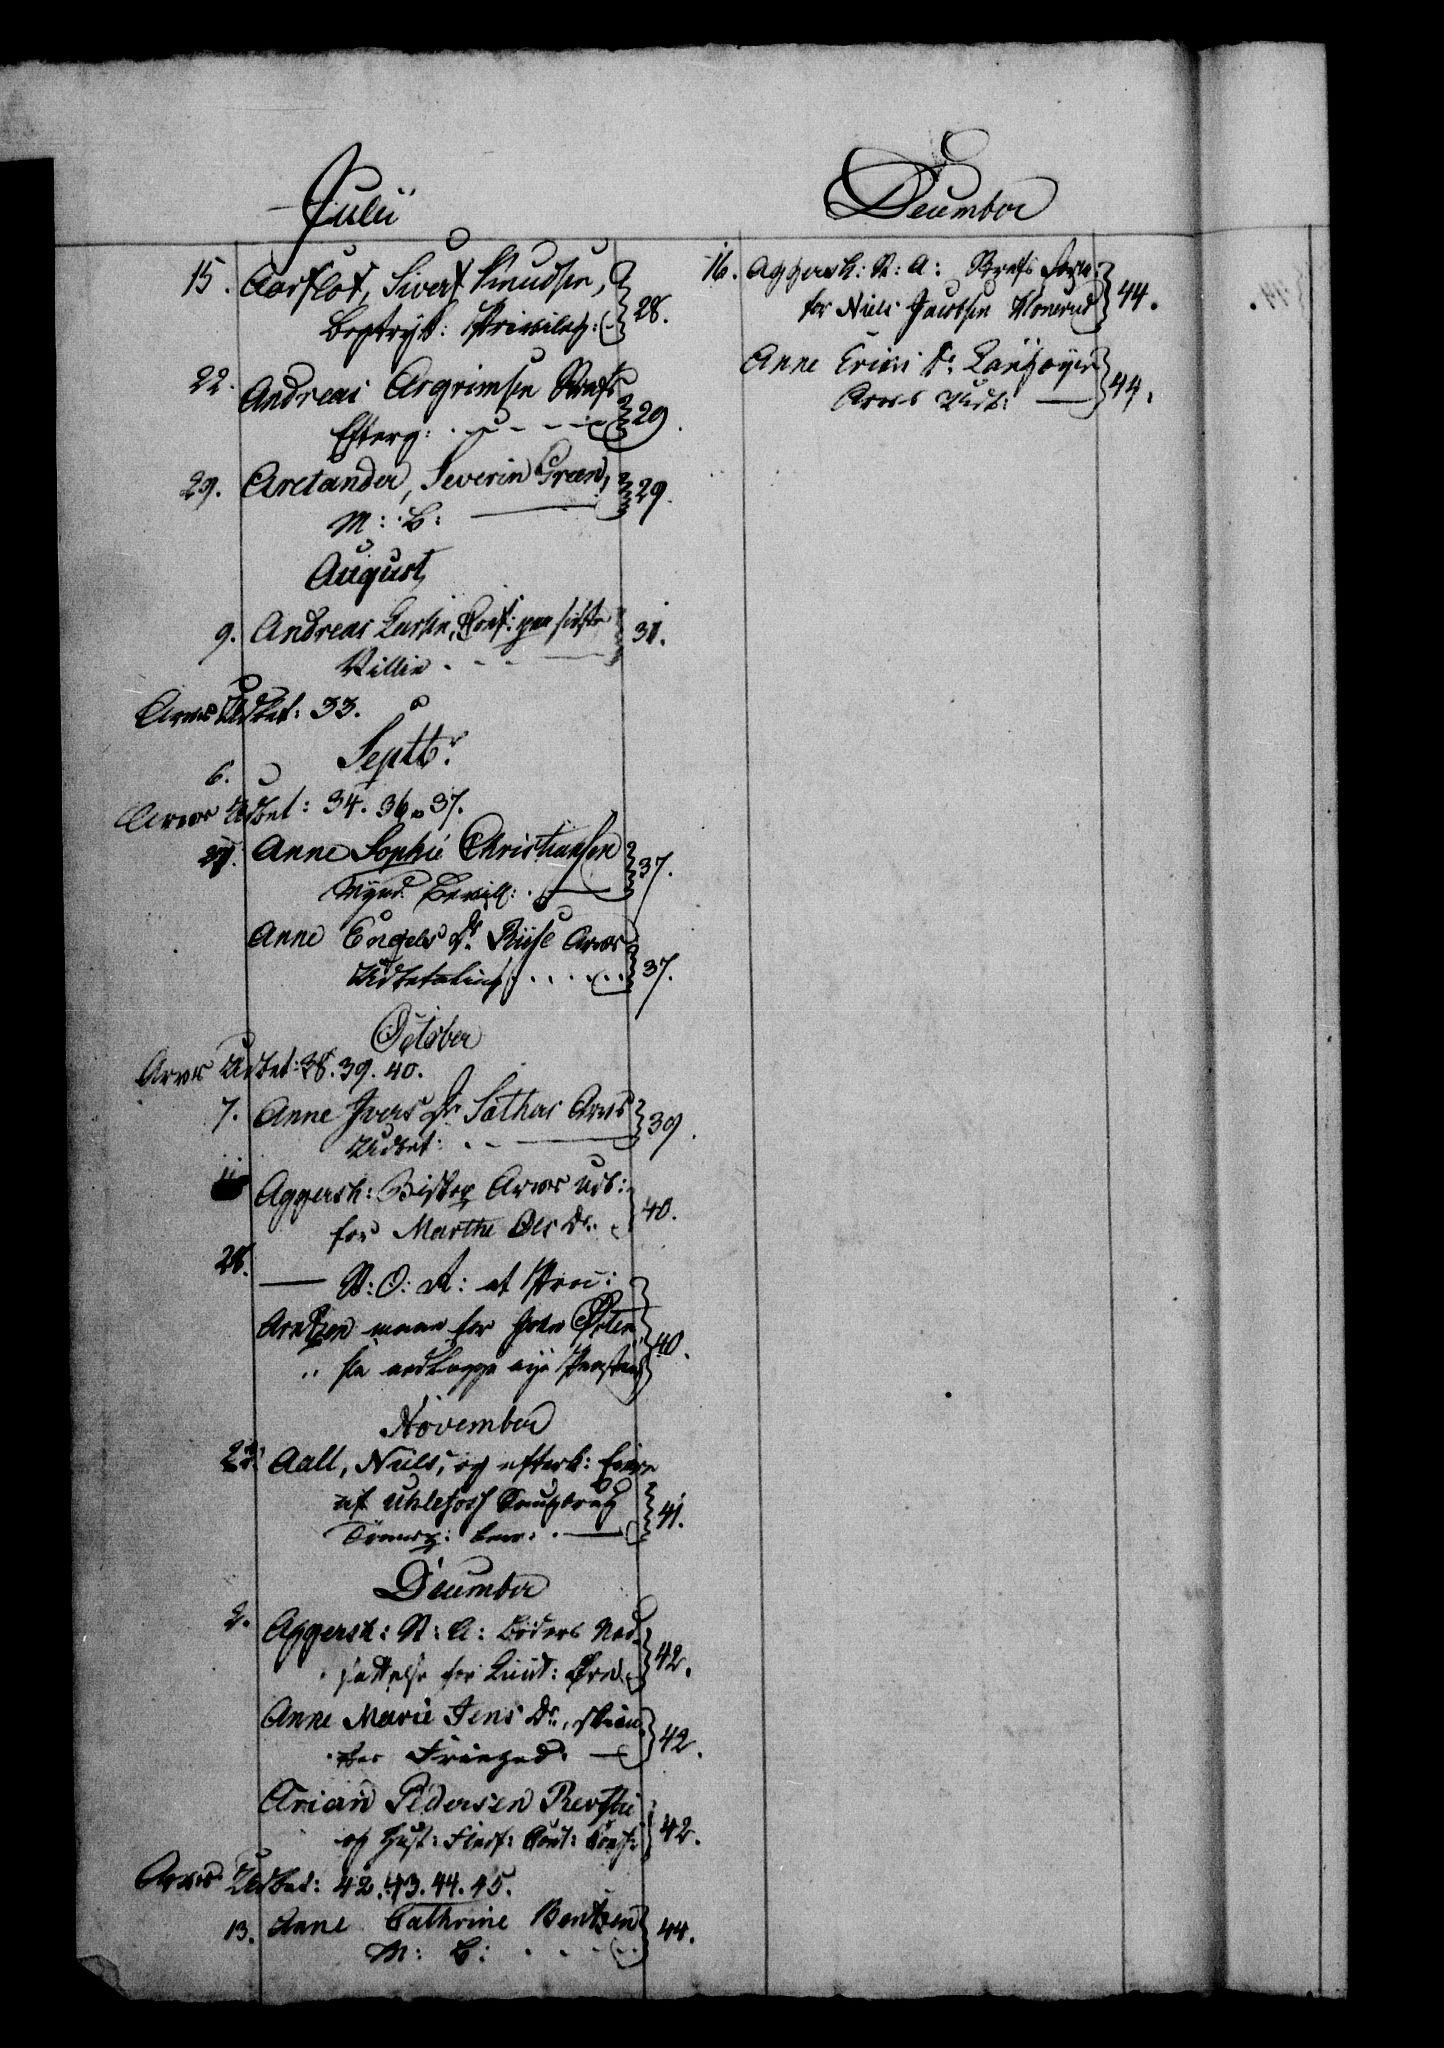 RA, Danske Kanselli 1800-1814, H/Hf/Hfb/Hfbc/L0009: Underskrivelsesbok m. register, 1808